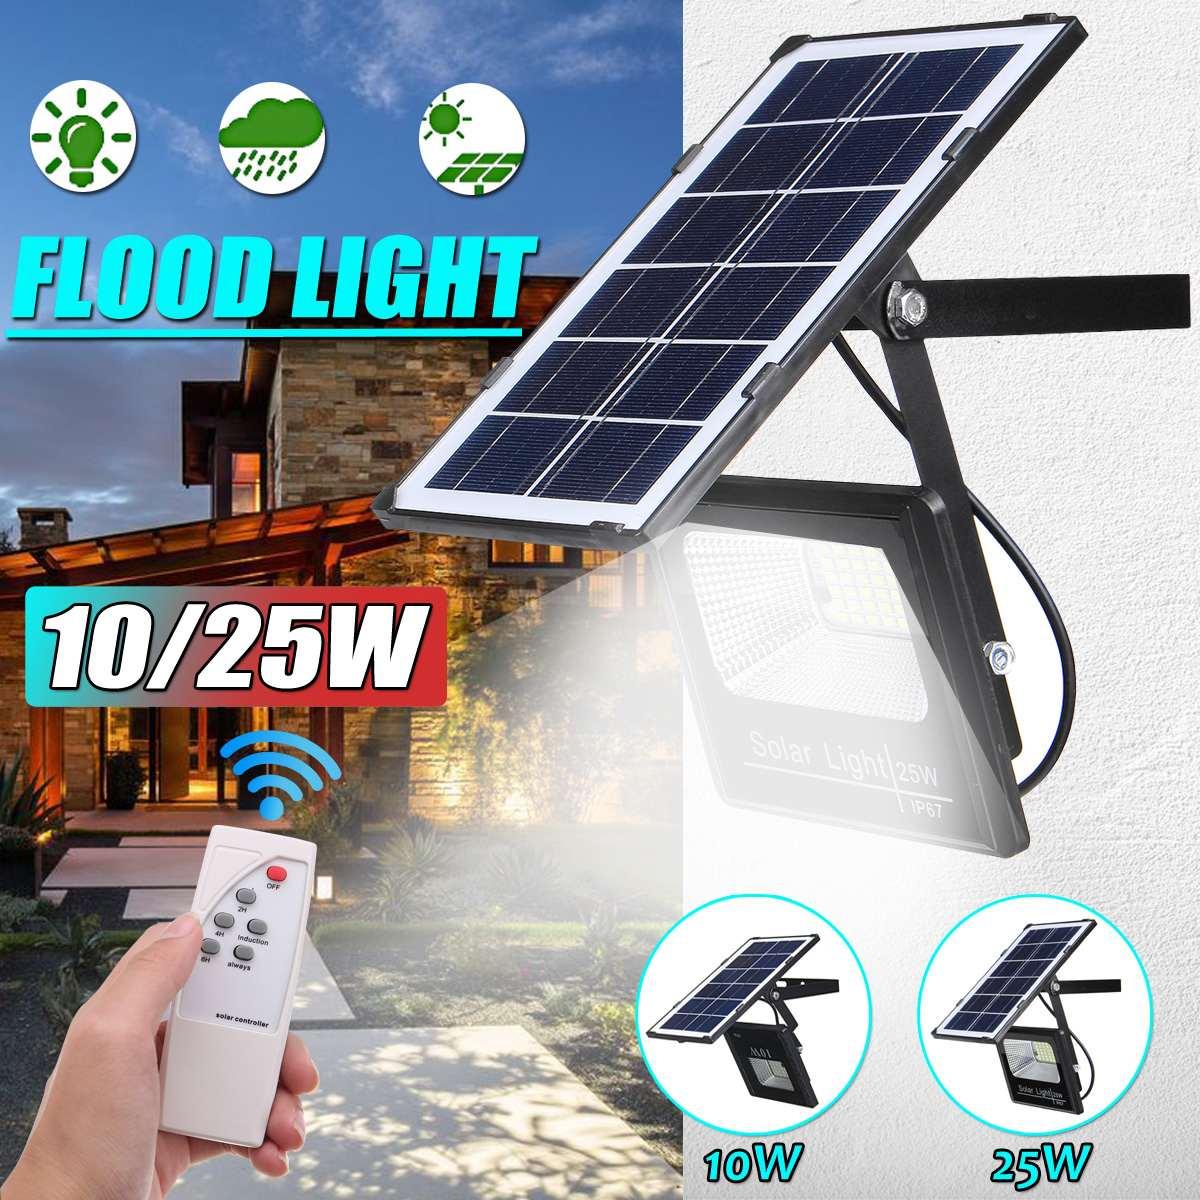 10/25W Solar Schijnwerper Led Draagbare Spotlight Schijnwerper Outdoor Straat Tuin Licht Waterdichte Wandlamp Met Afstandsbediening